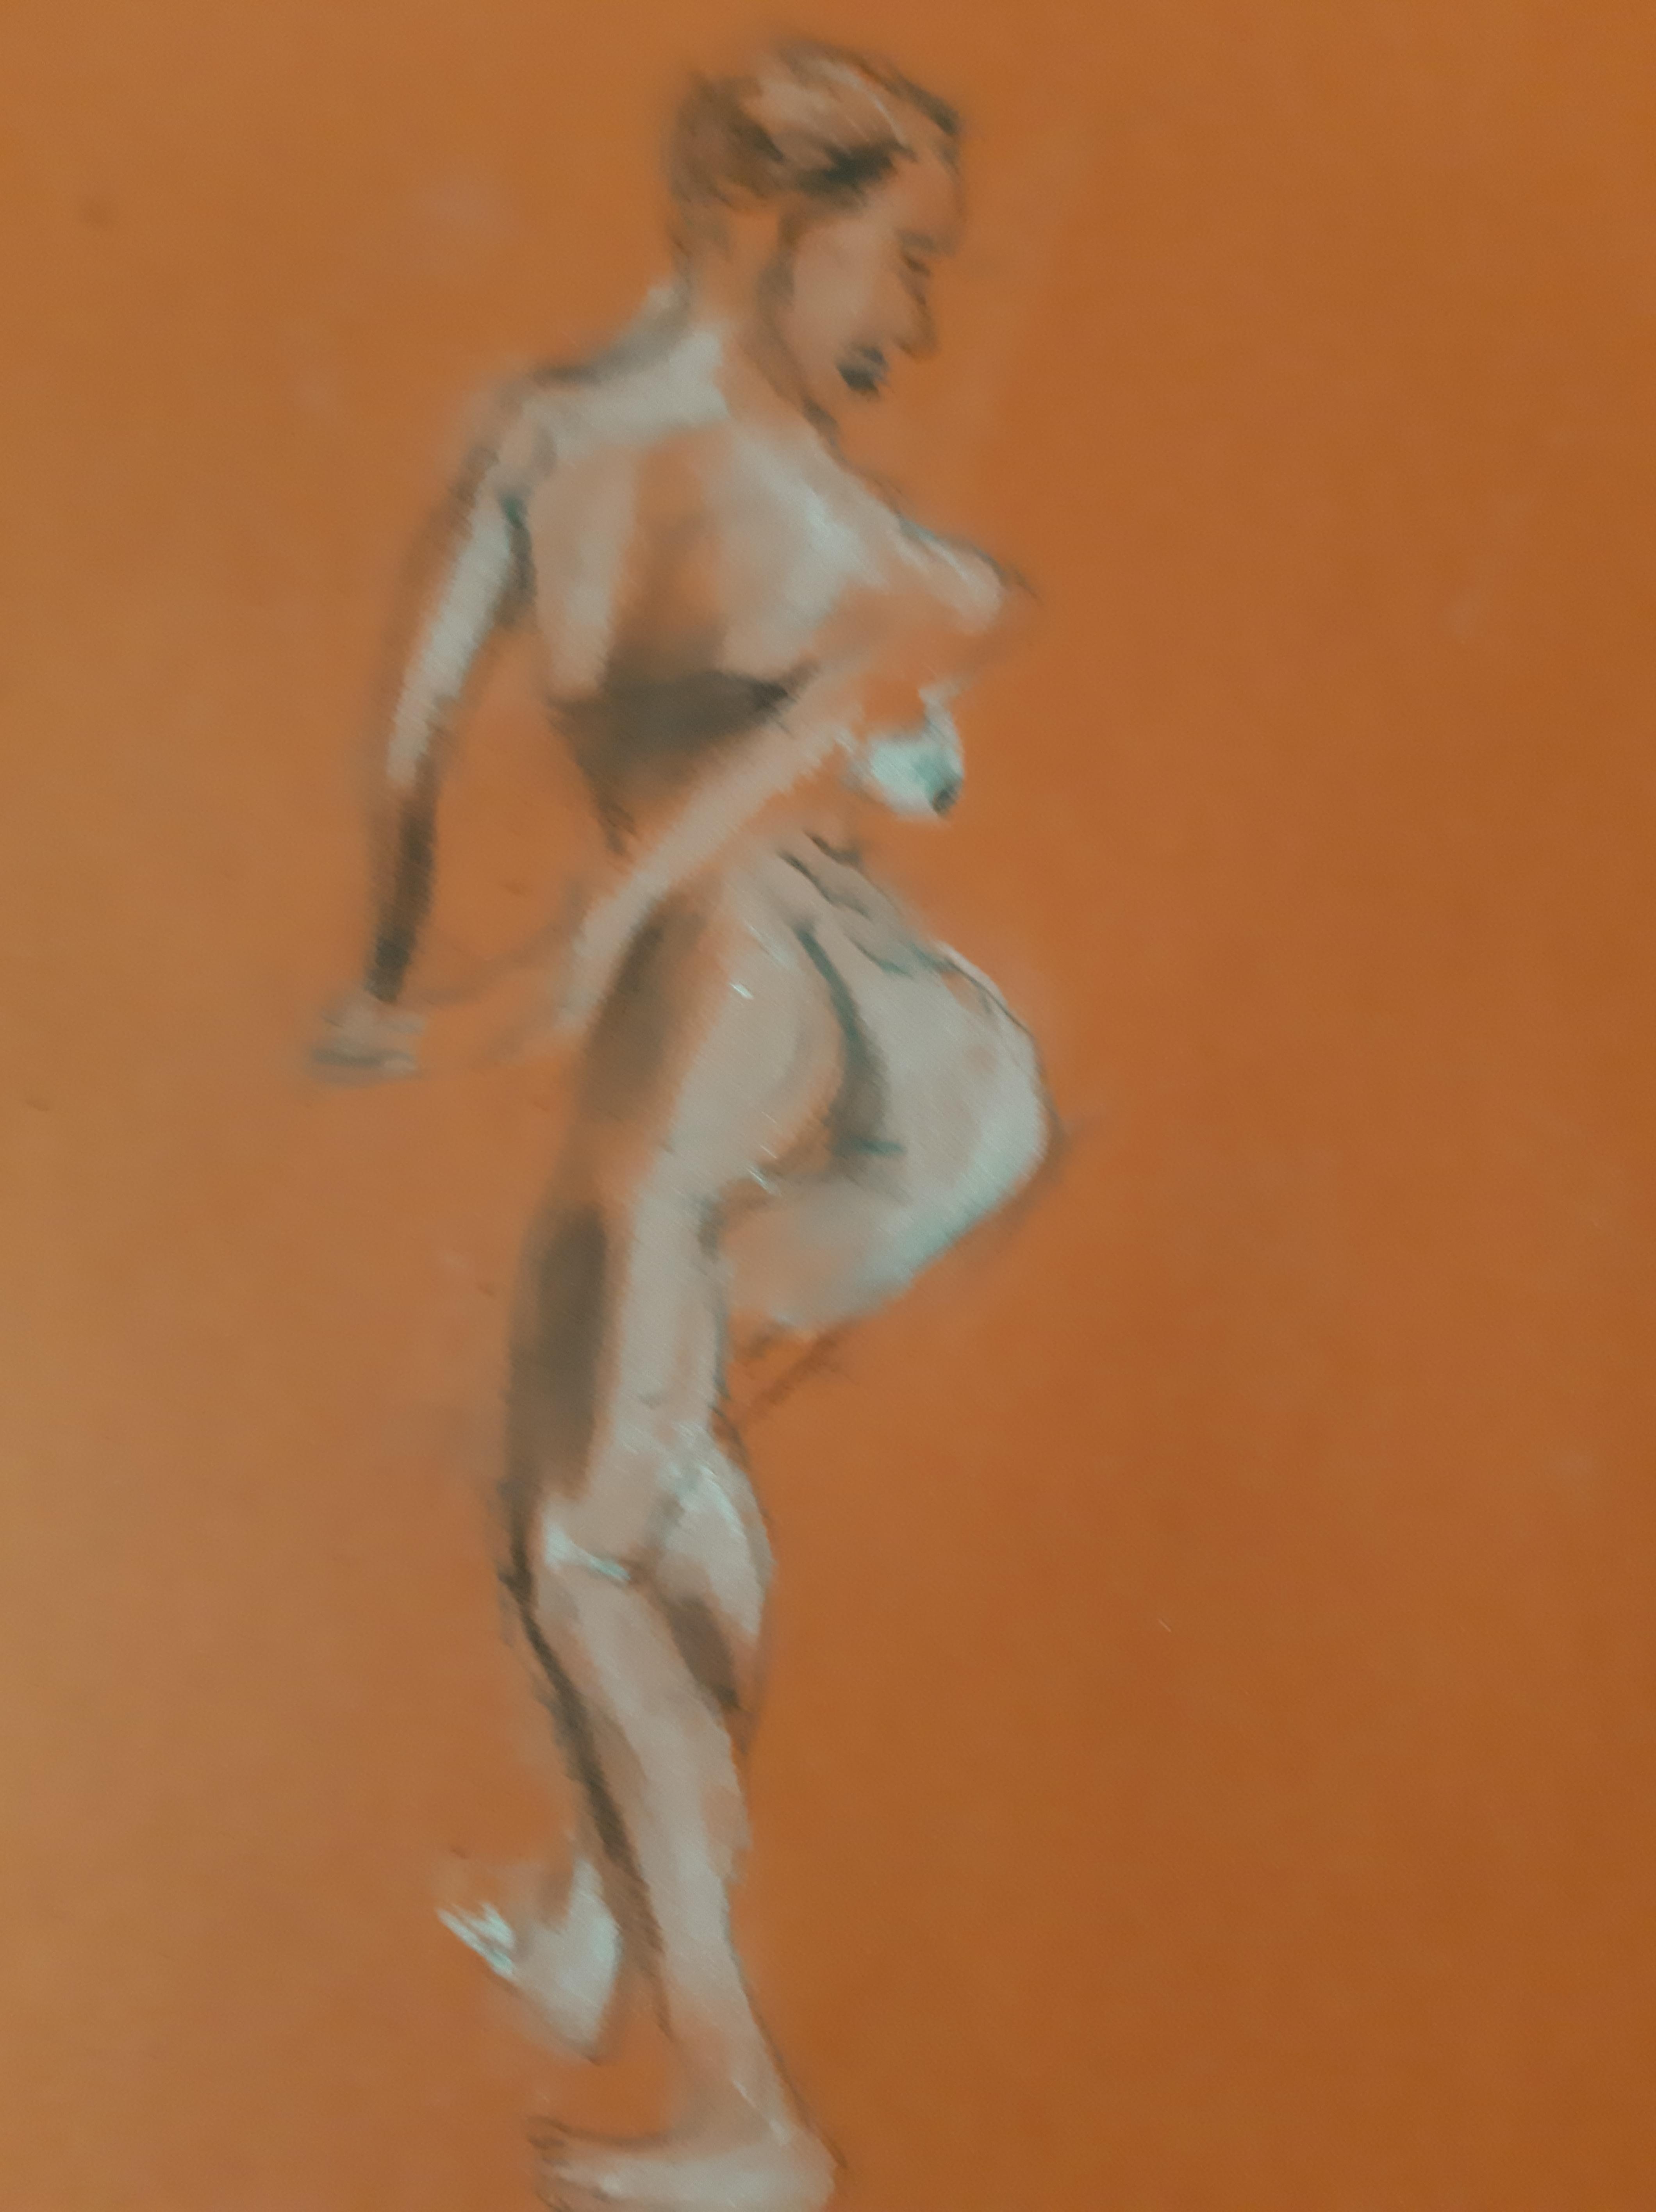 Technique mixte pastel sur fond orange papier  cours de dessin